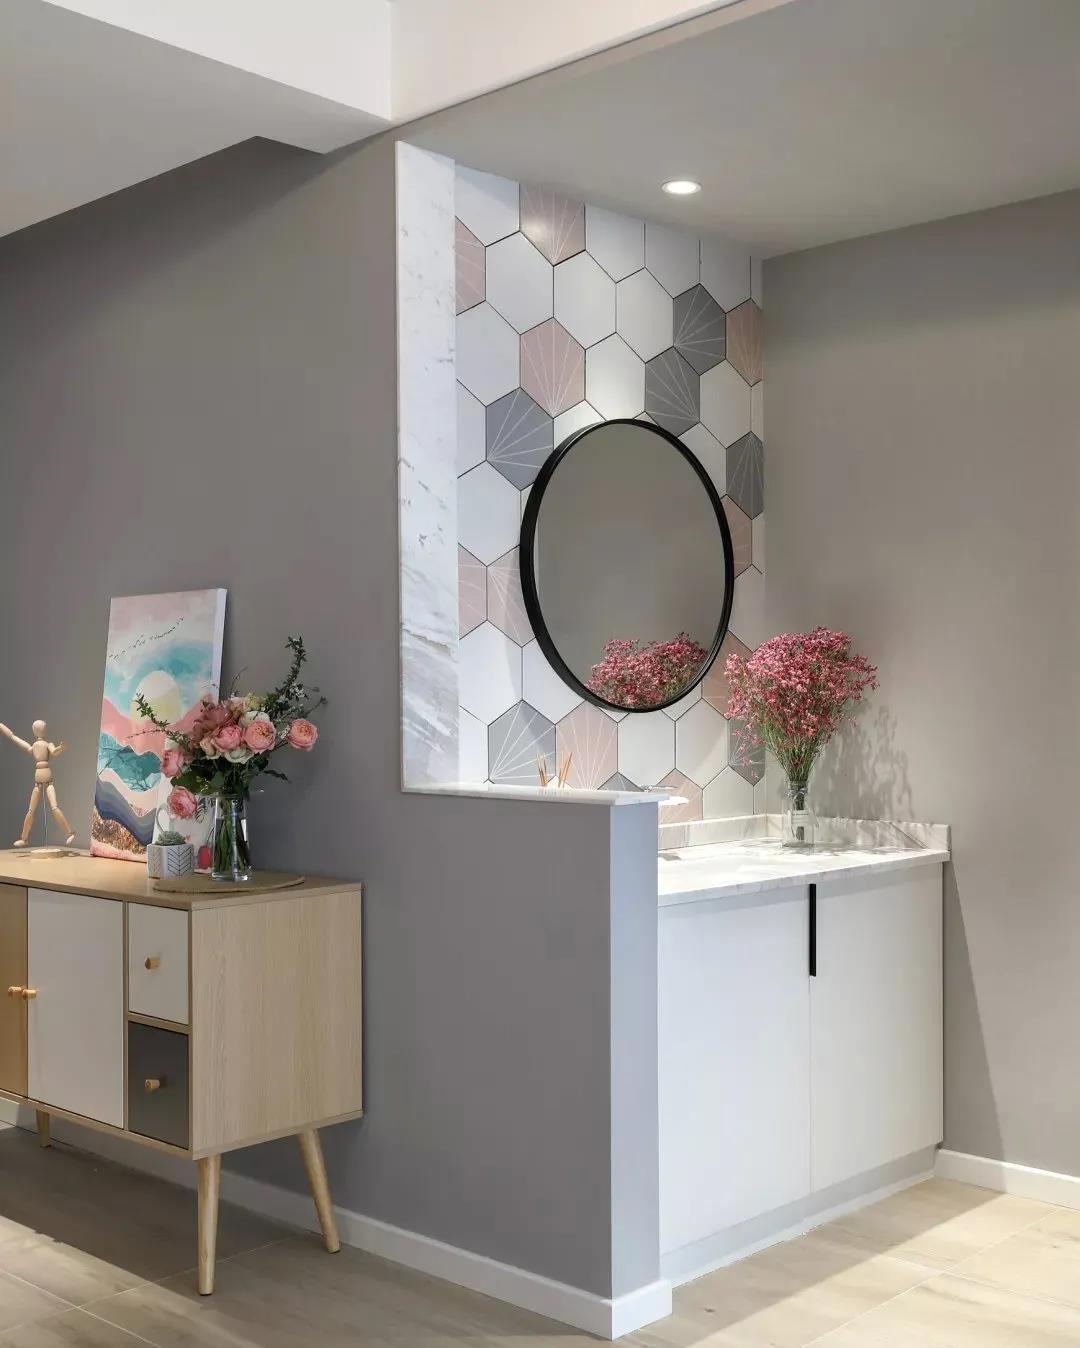 在房间的过道设置了洗手台,白色柜体台面搭配拼色六角墙砖,摆上鲜花格外清新。